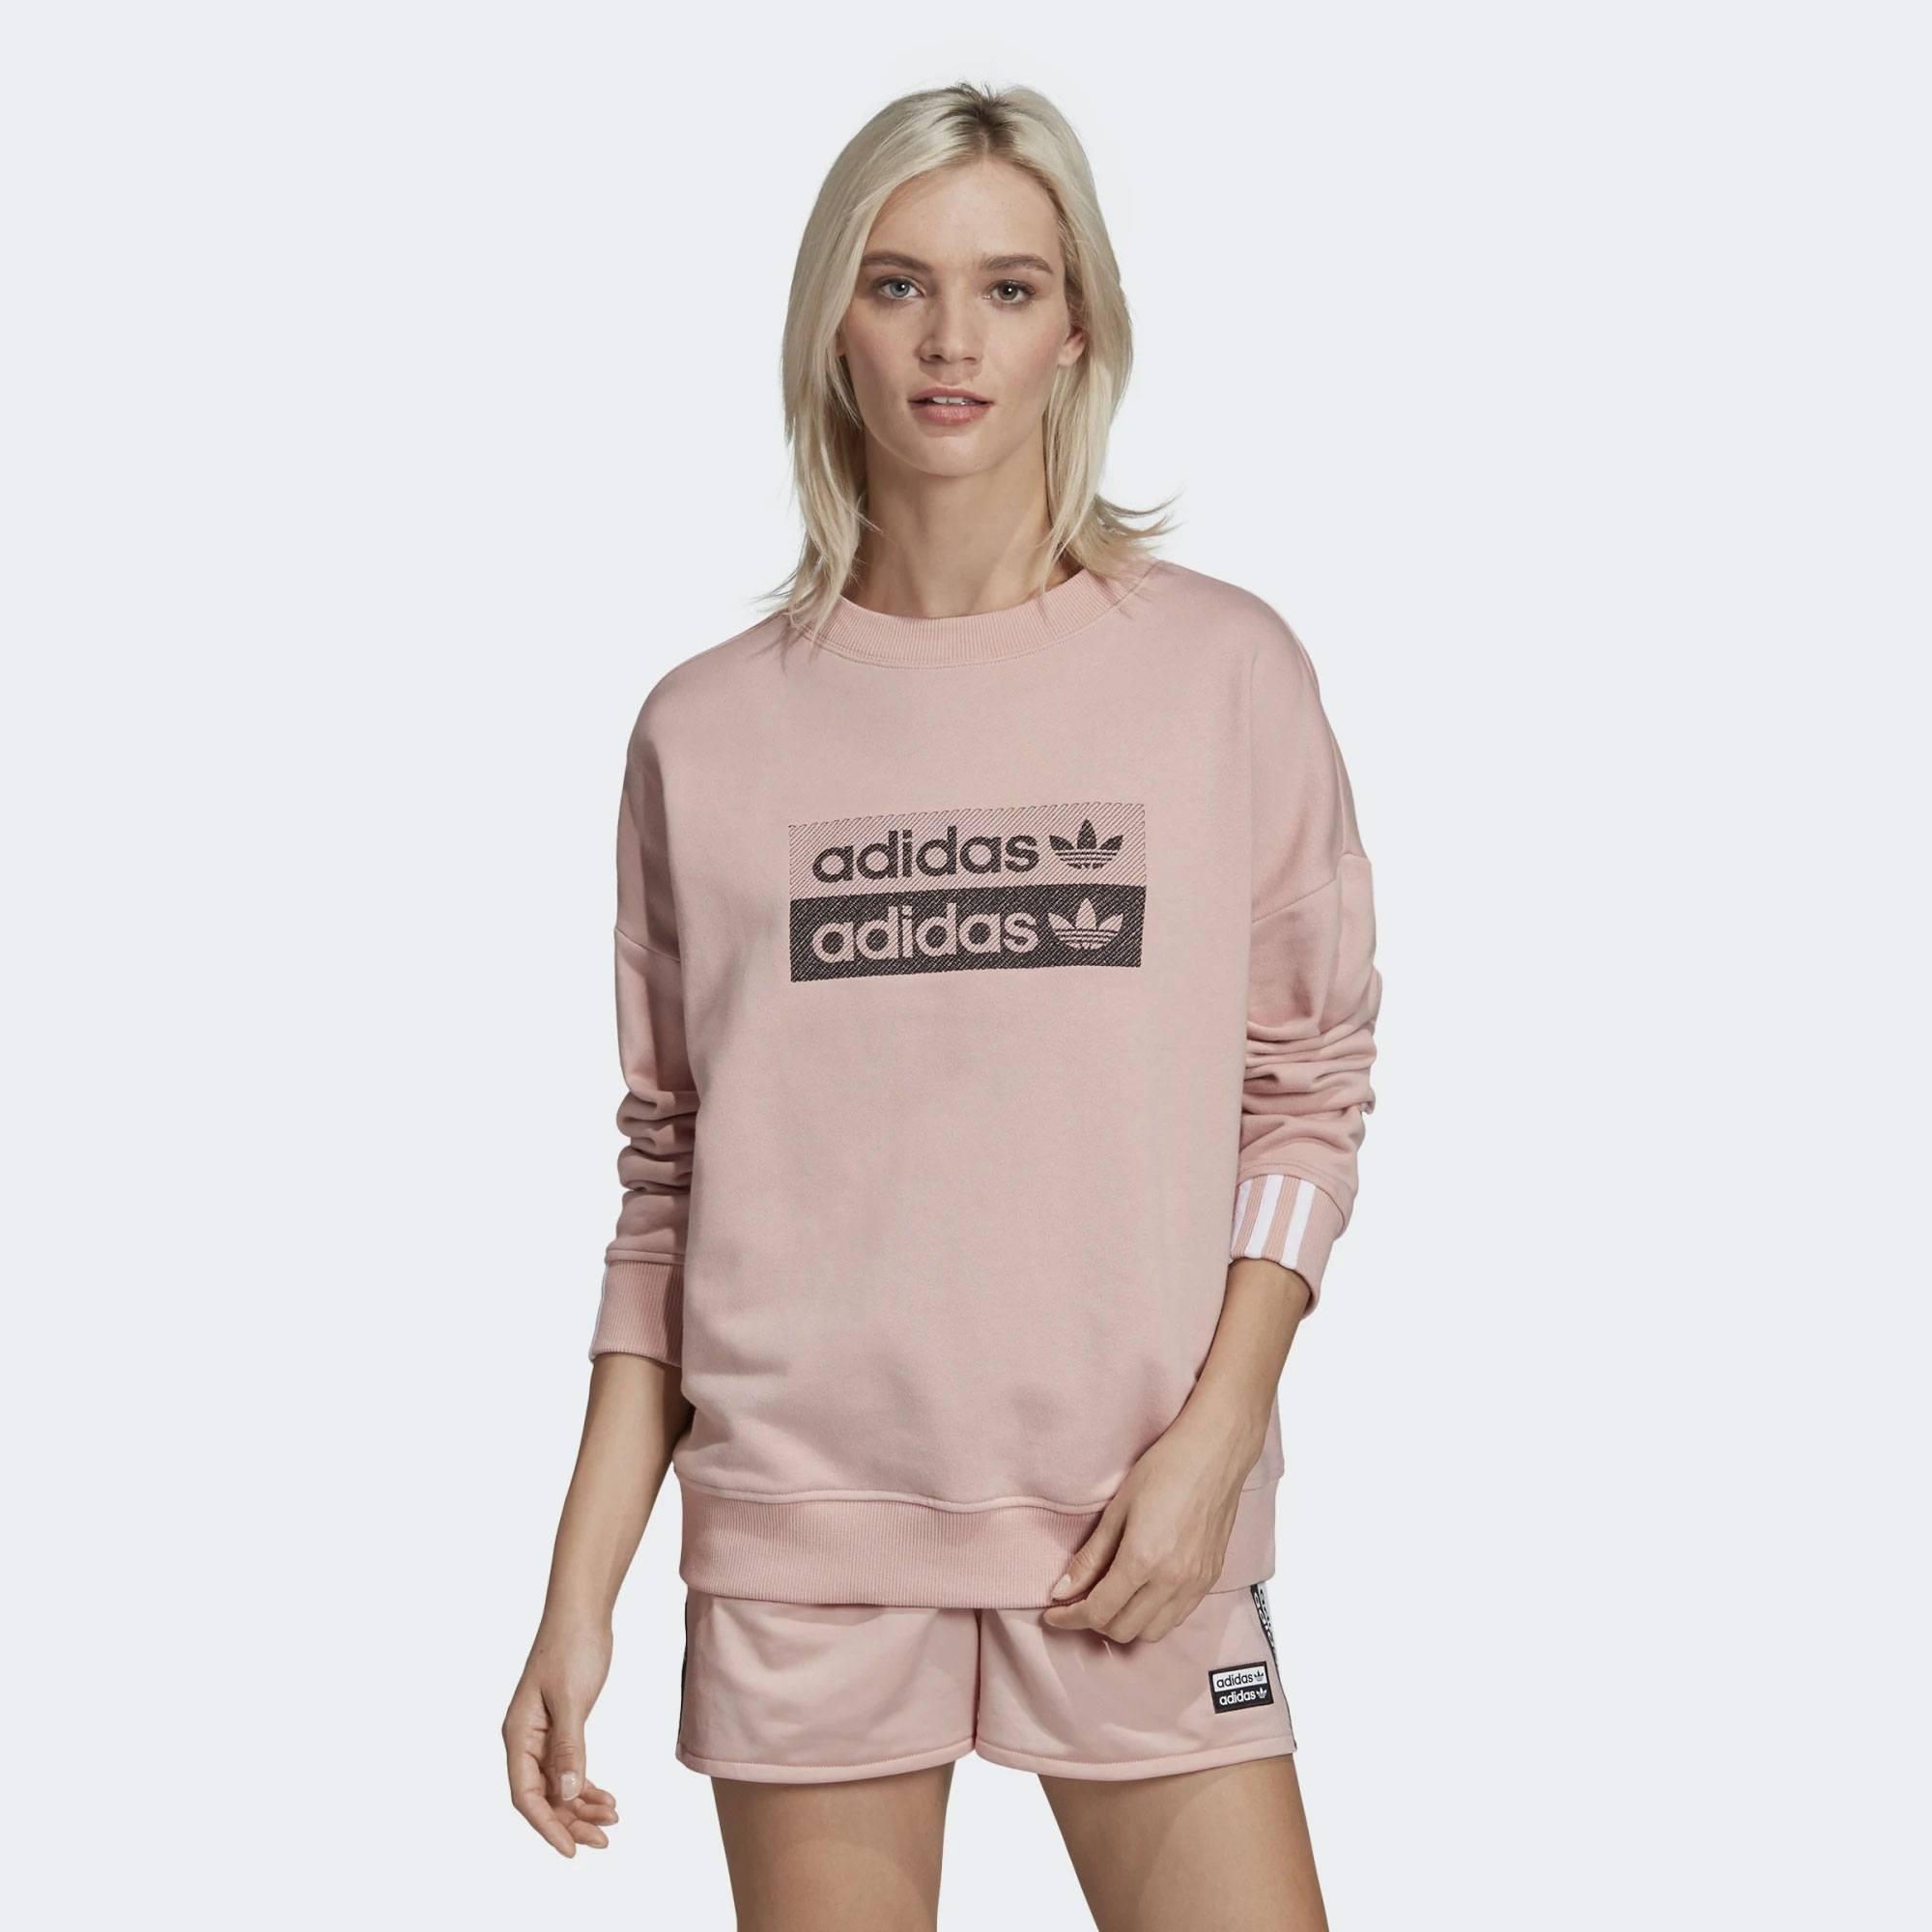 adidas Originals Sweatshirt (9000033277_34269)